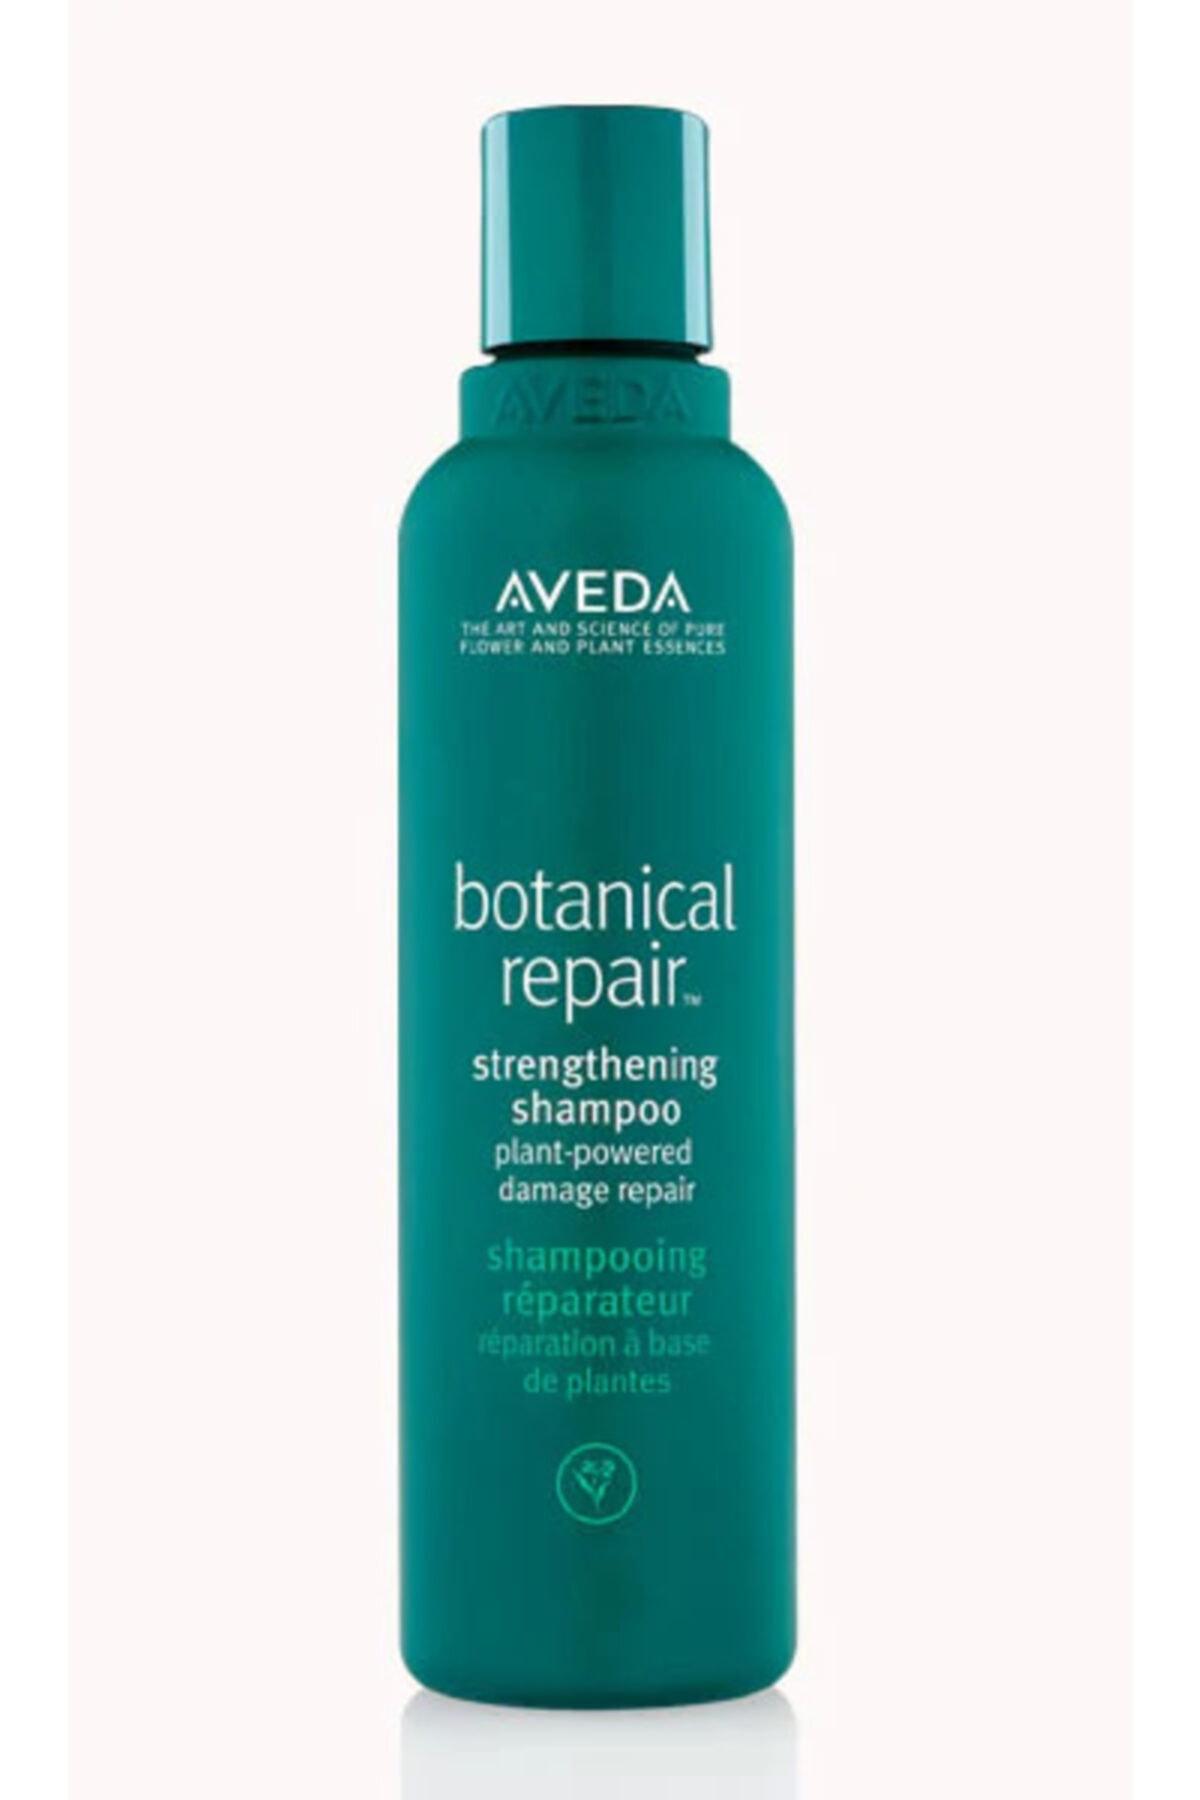 Aveda Botanical Repair Yıpranmış Saçlar için Onarım Şampuanı 200ml 18084019481 1